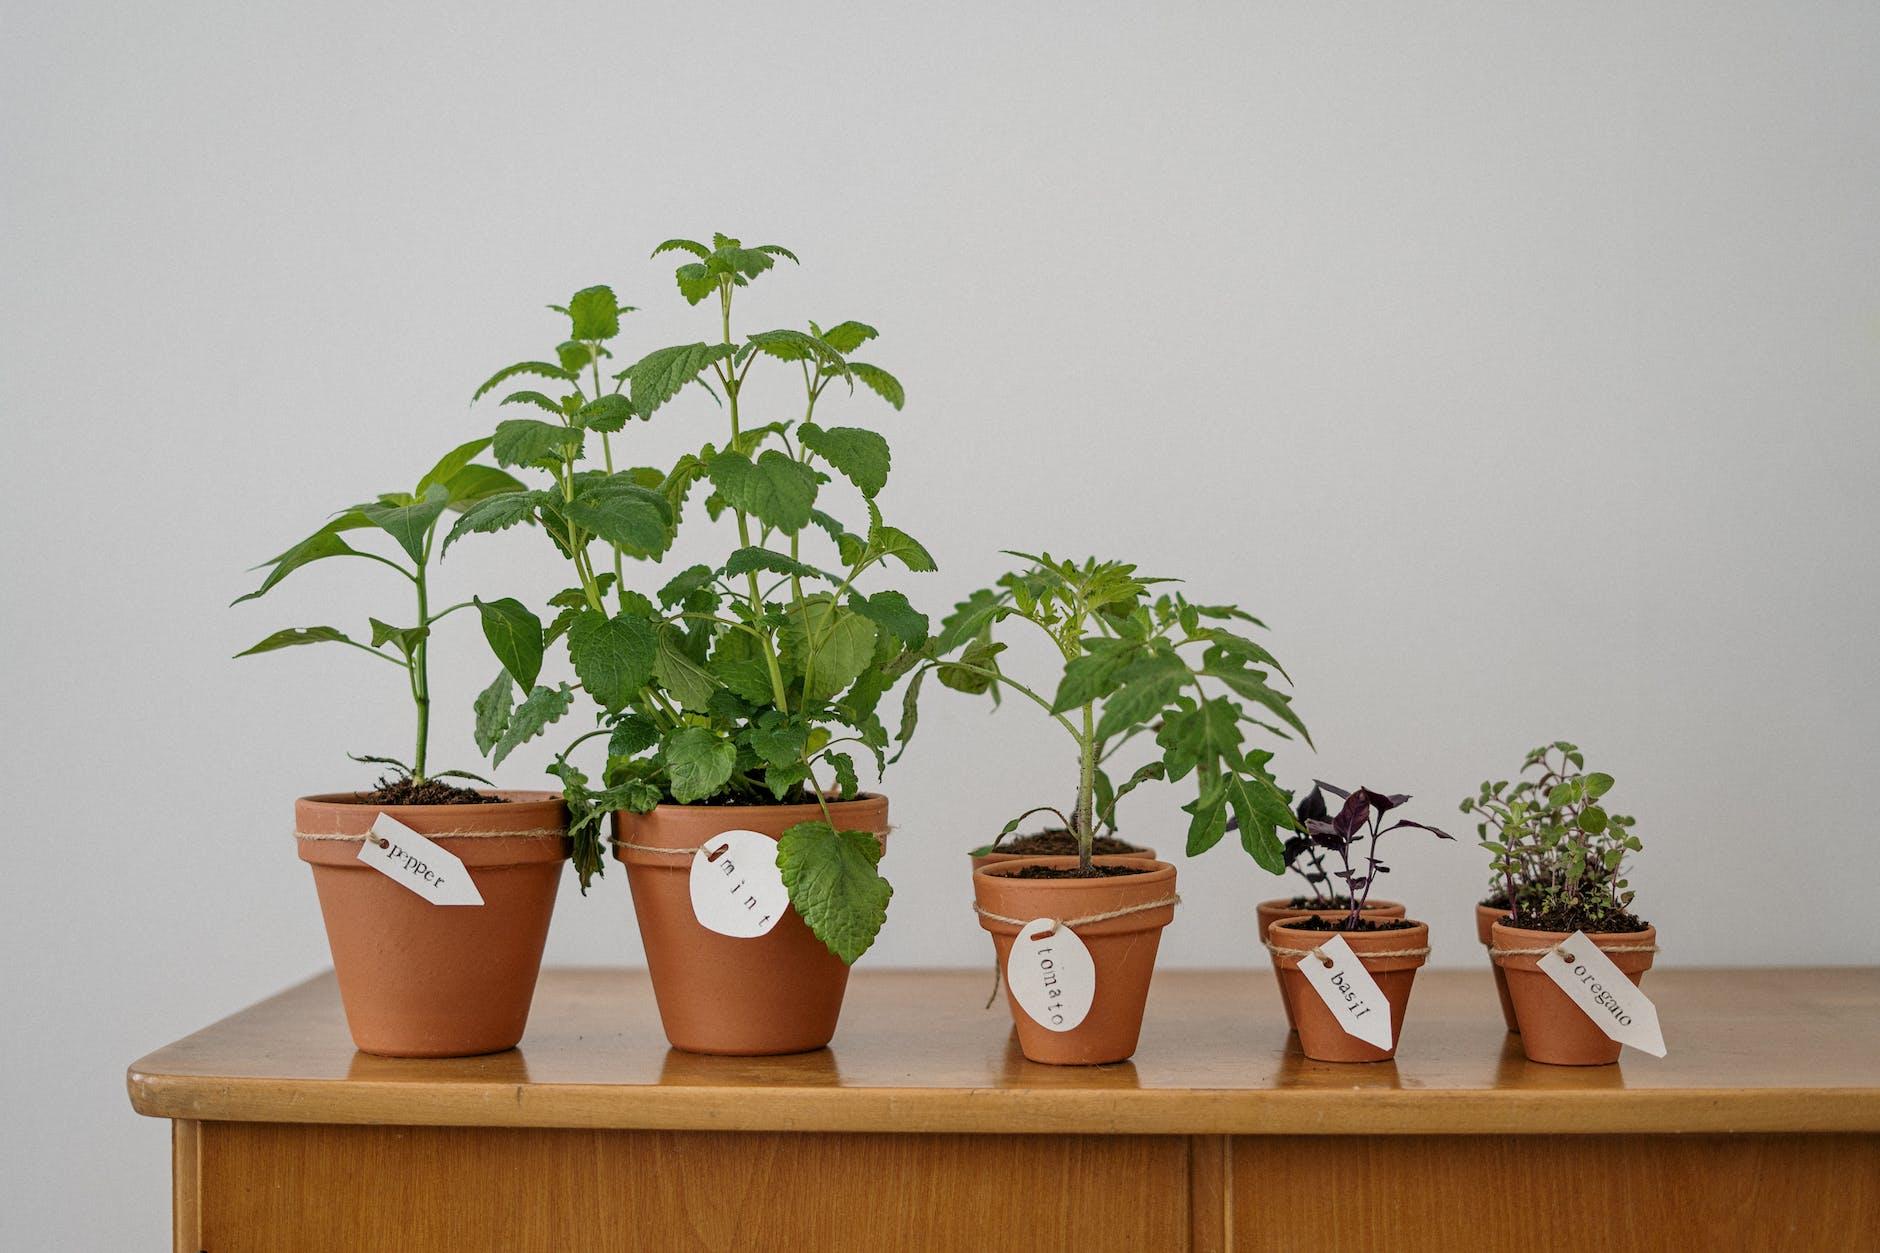 Growing vegetables indoor apartment